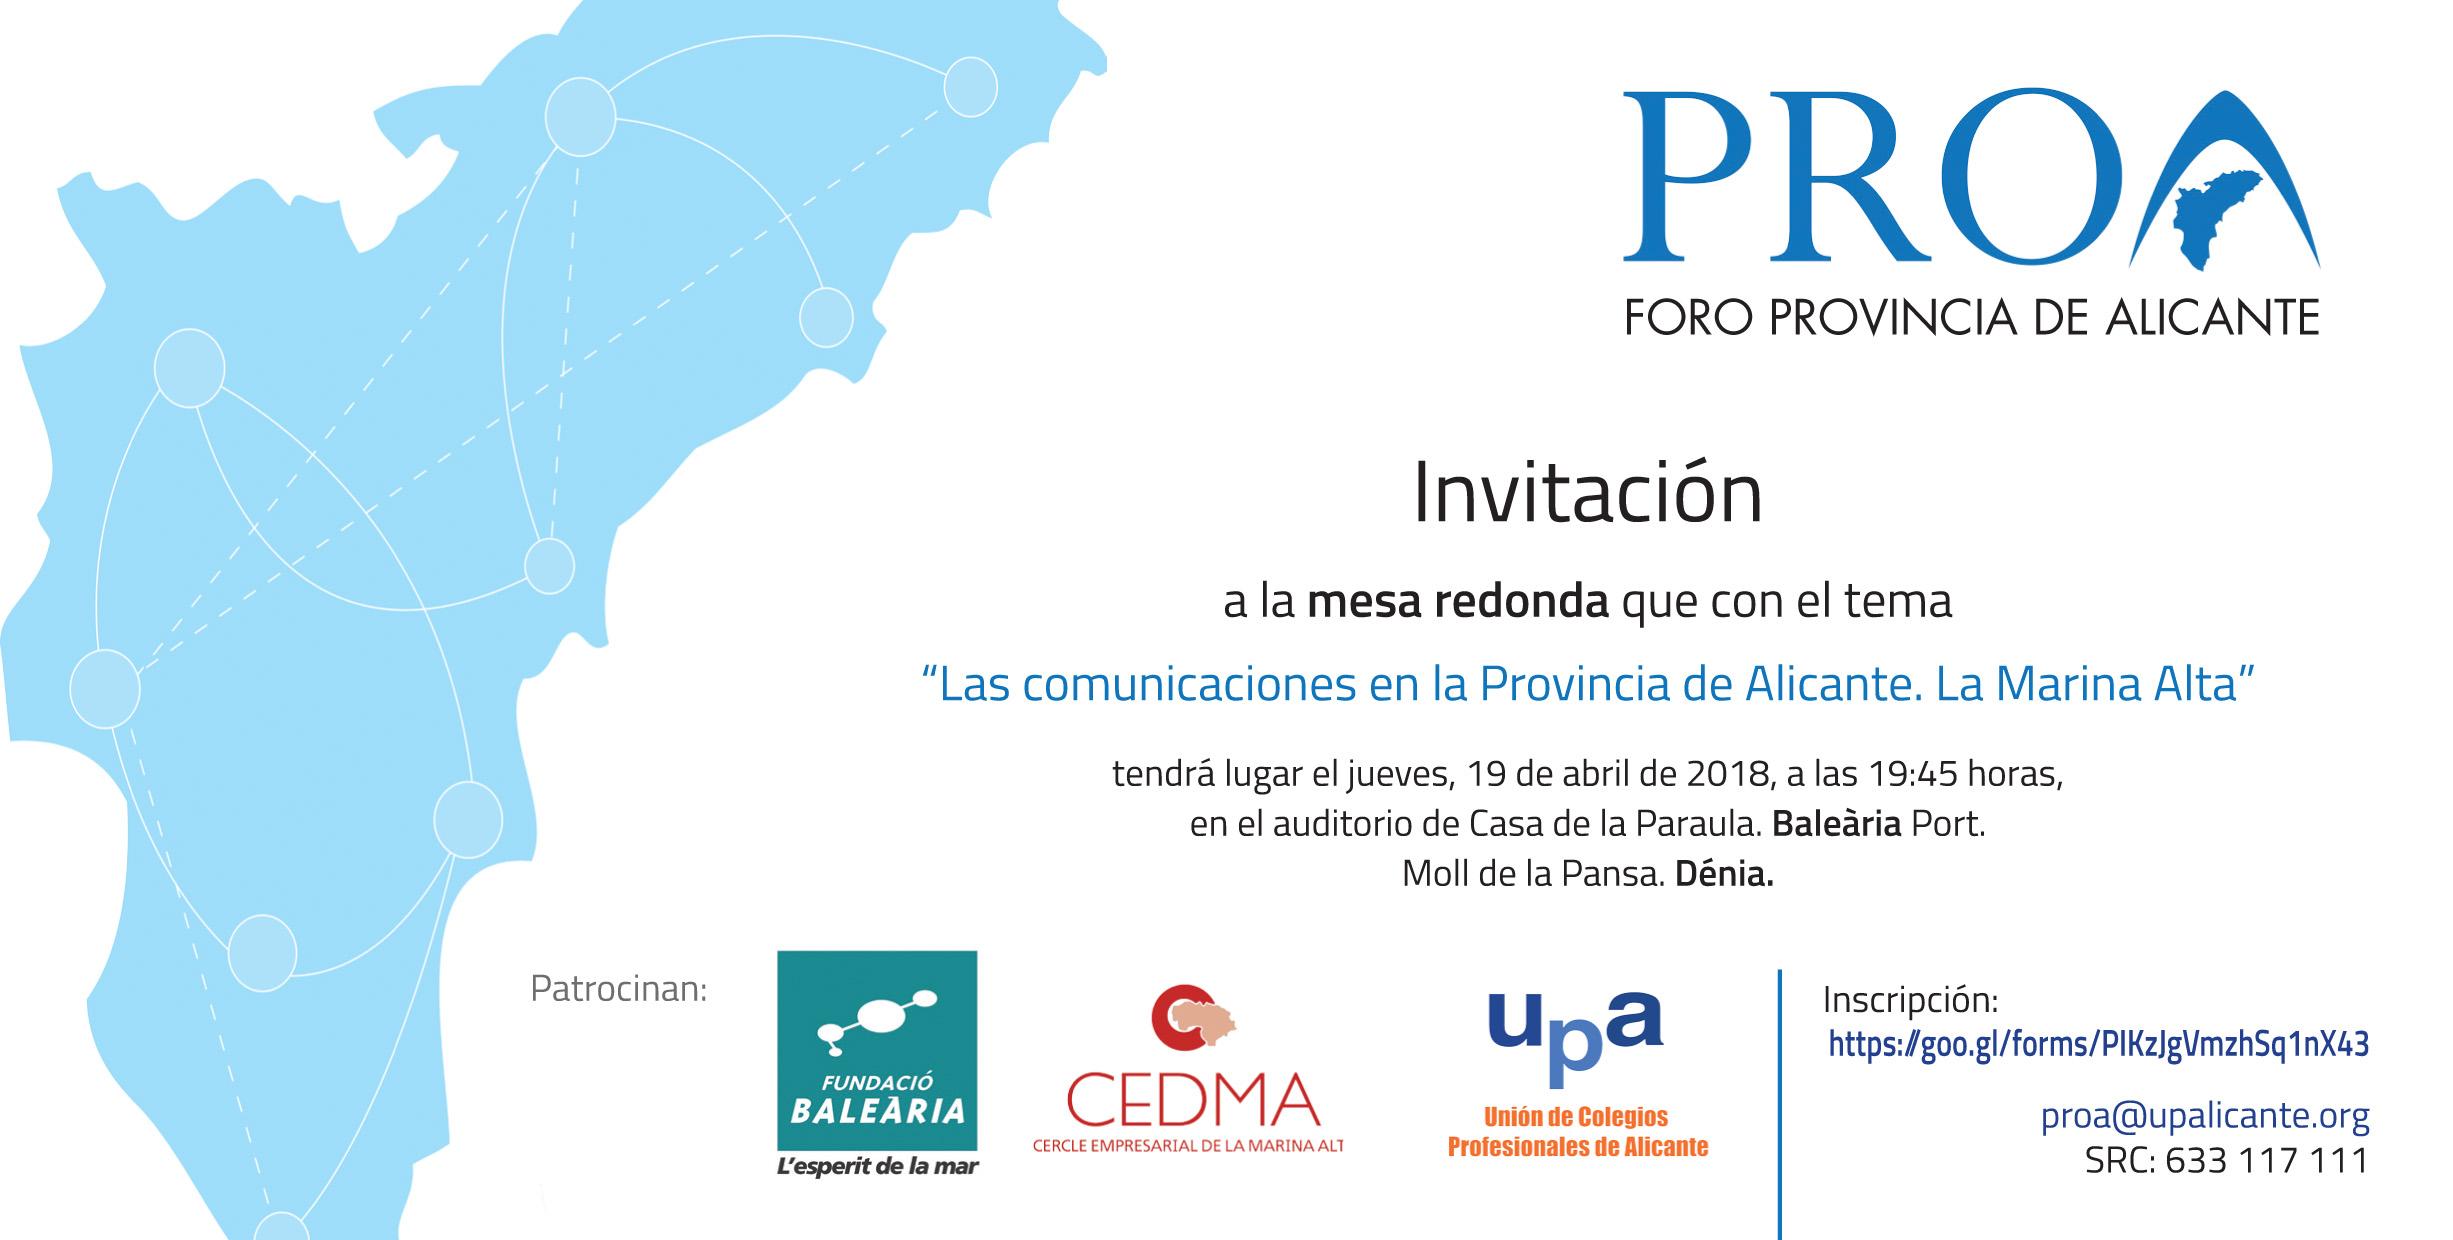 Mesa redonda: 'Las comunicaciones en la Provincia de Alicante'